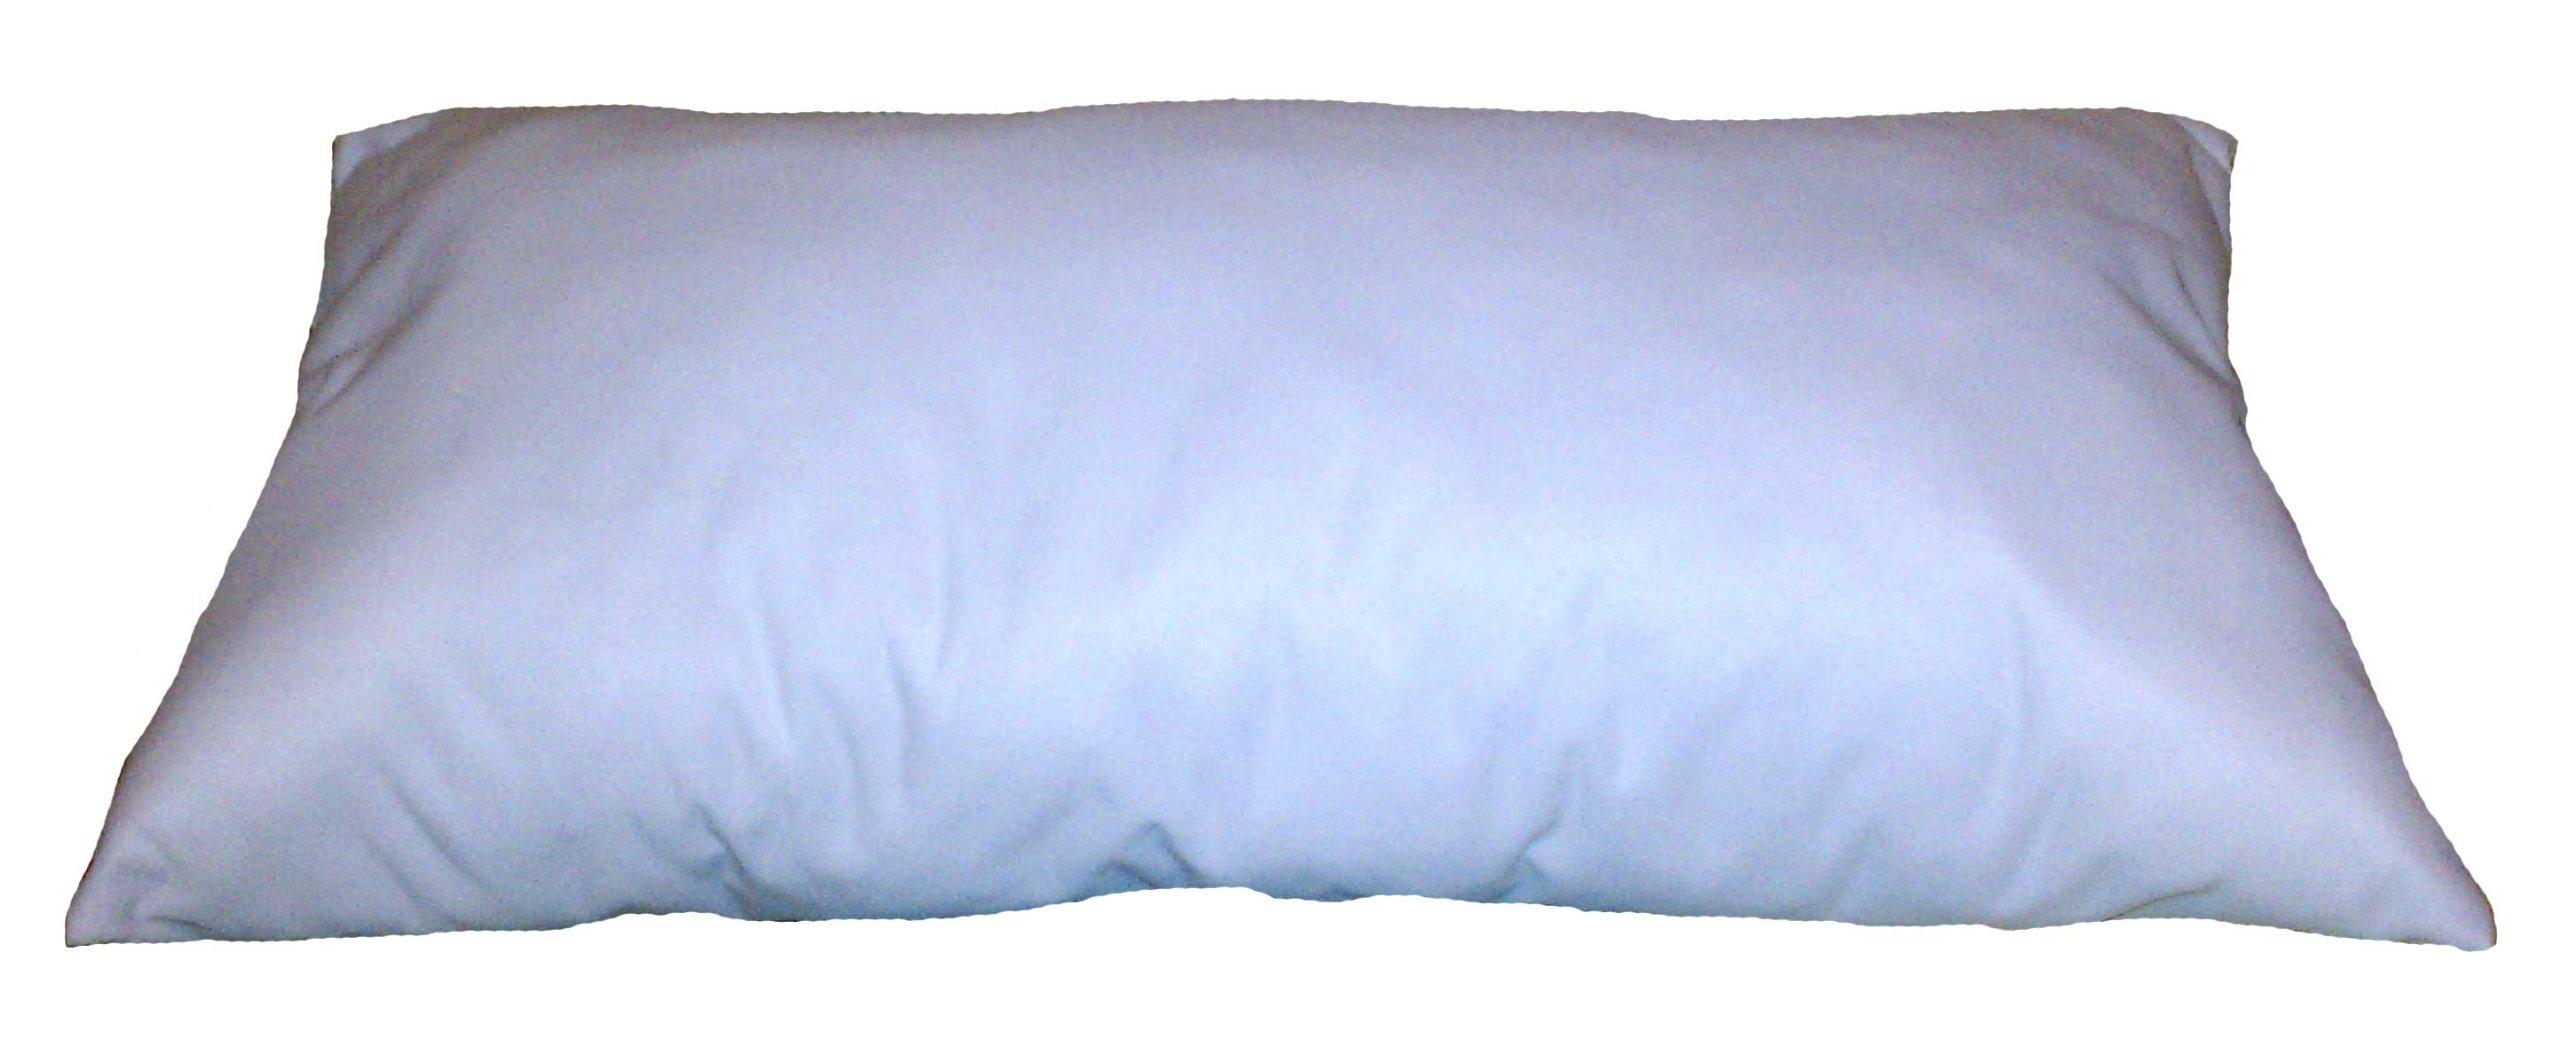 22x38 Inch Rectangular Throw Pillow Insert Form